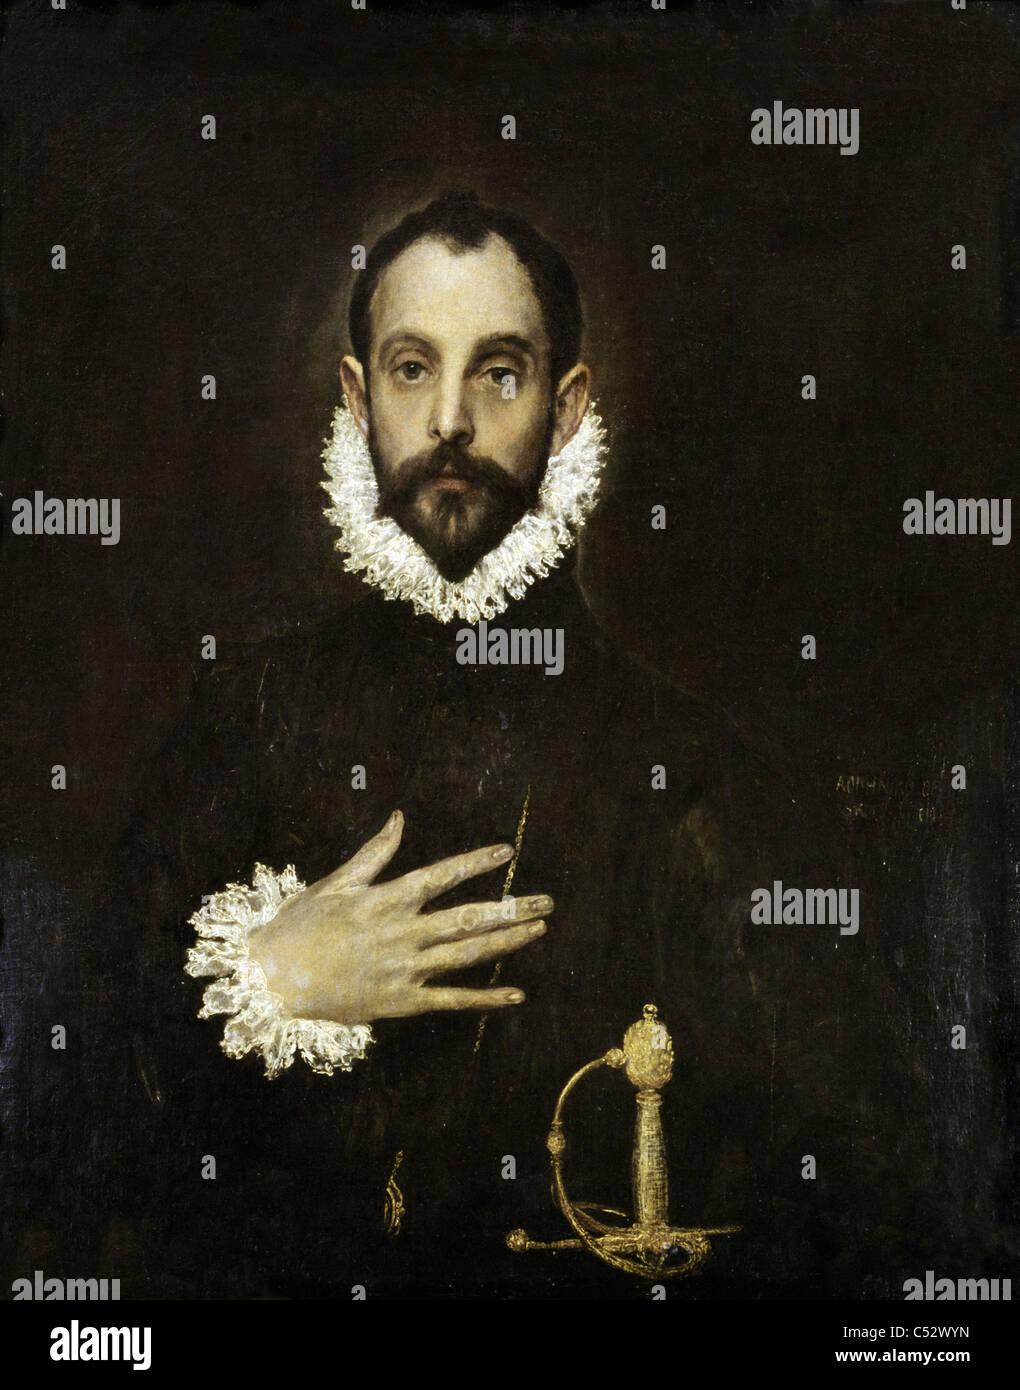 Domenicos Greco - El Greco El caballero con la mano en el pecho de 1577, Museo del Prado - Madrid Imagen De Stock